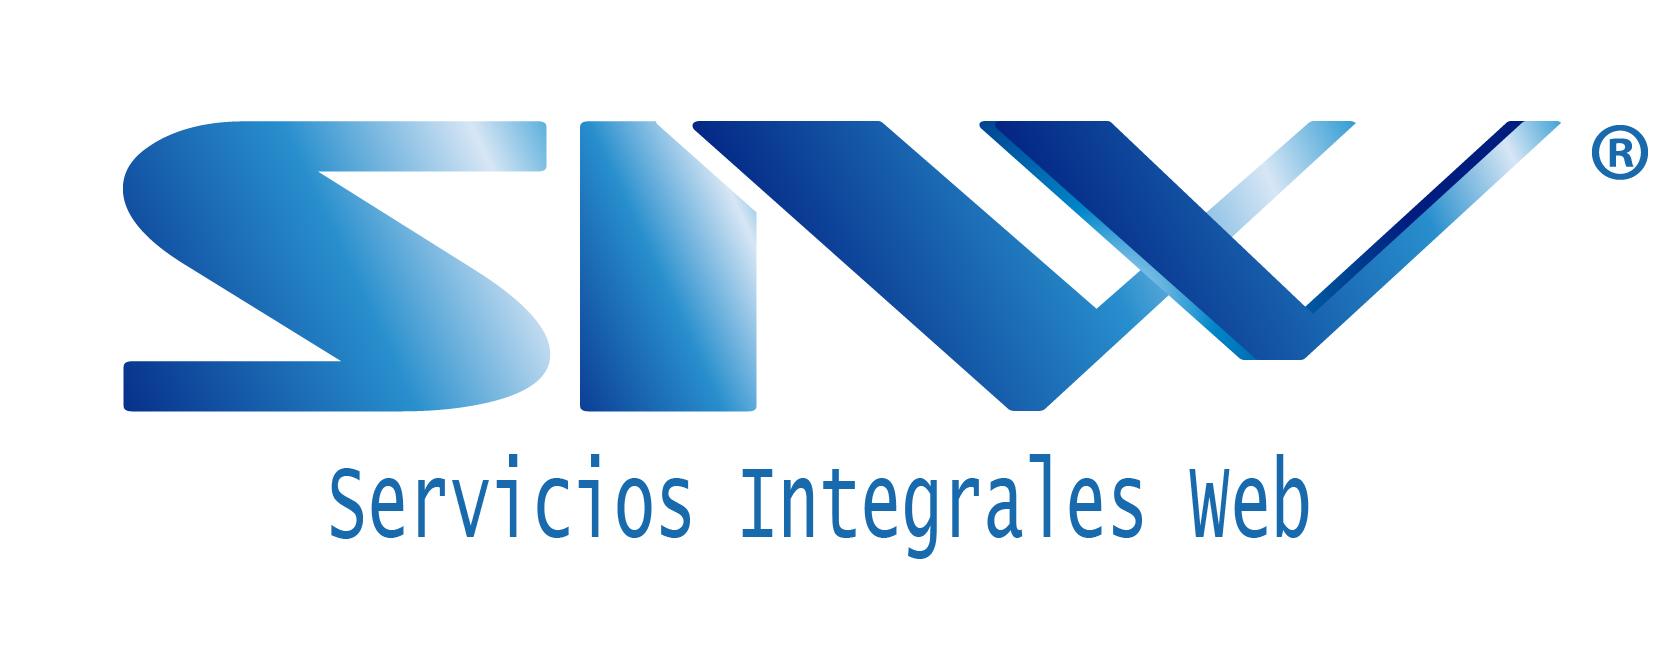 Servicios Integrales Web